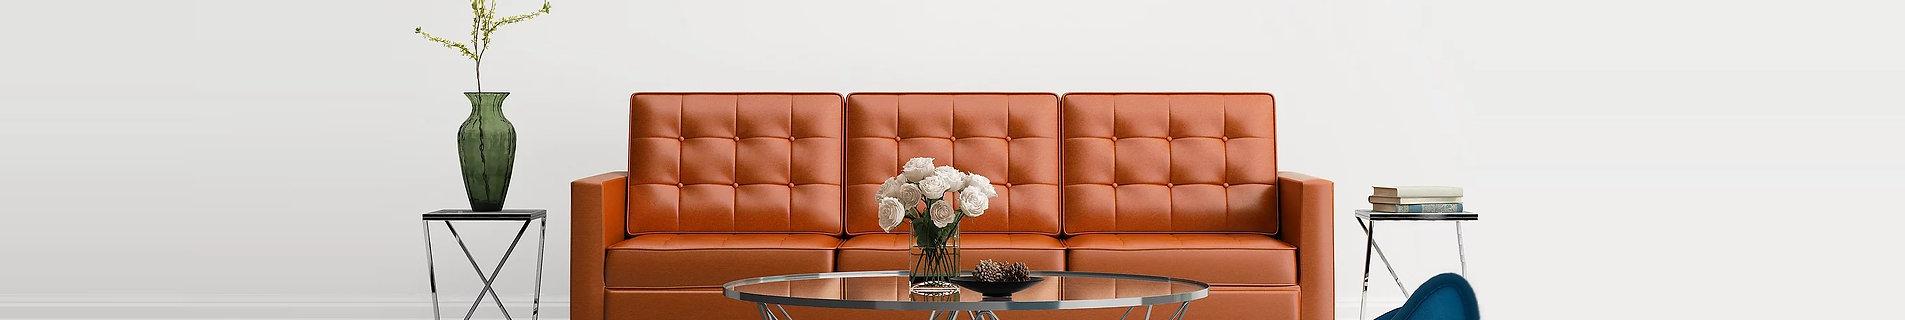 Рококо диван.jpg